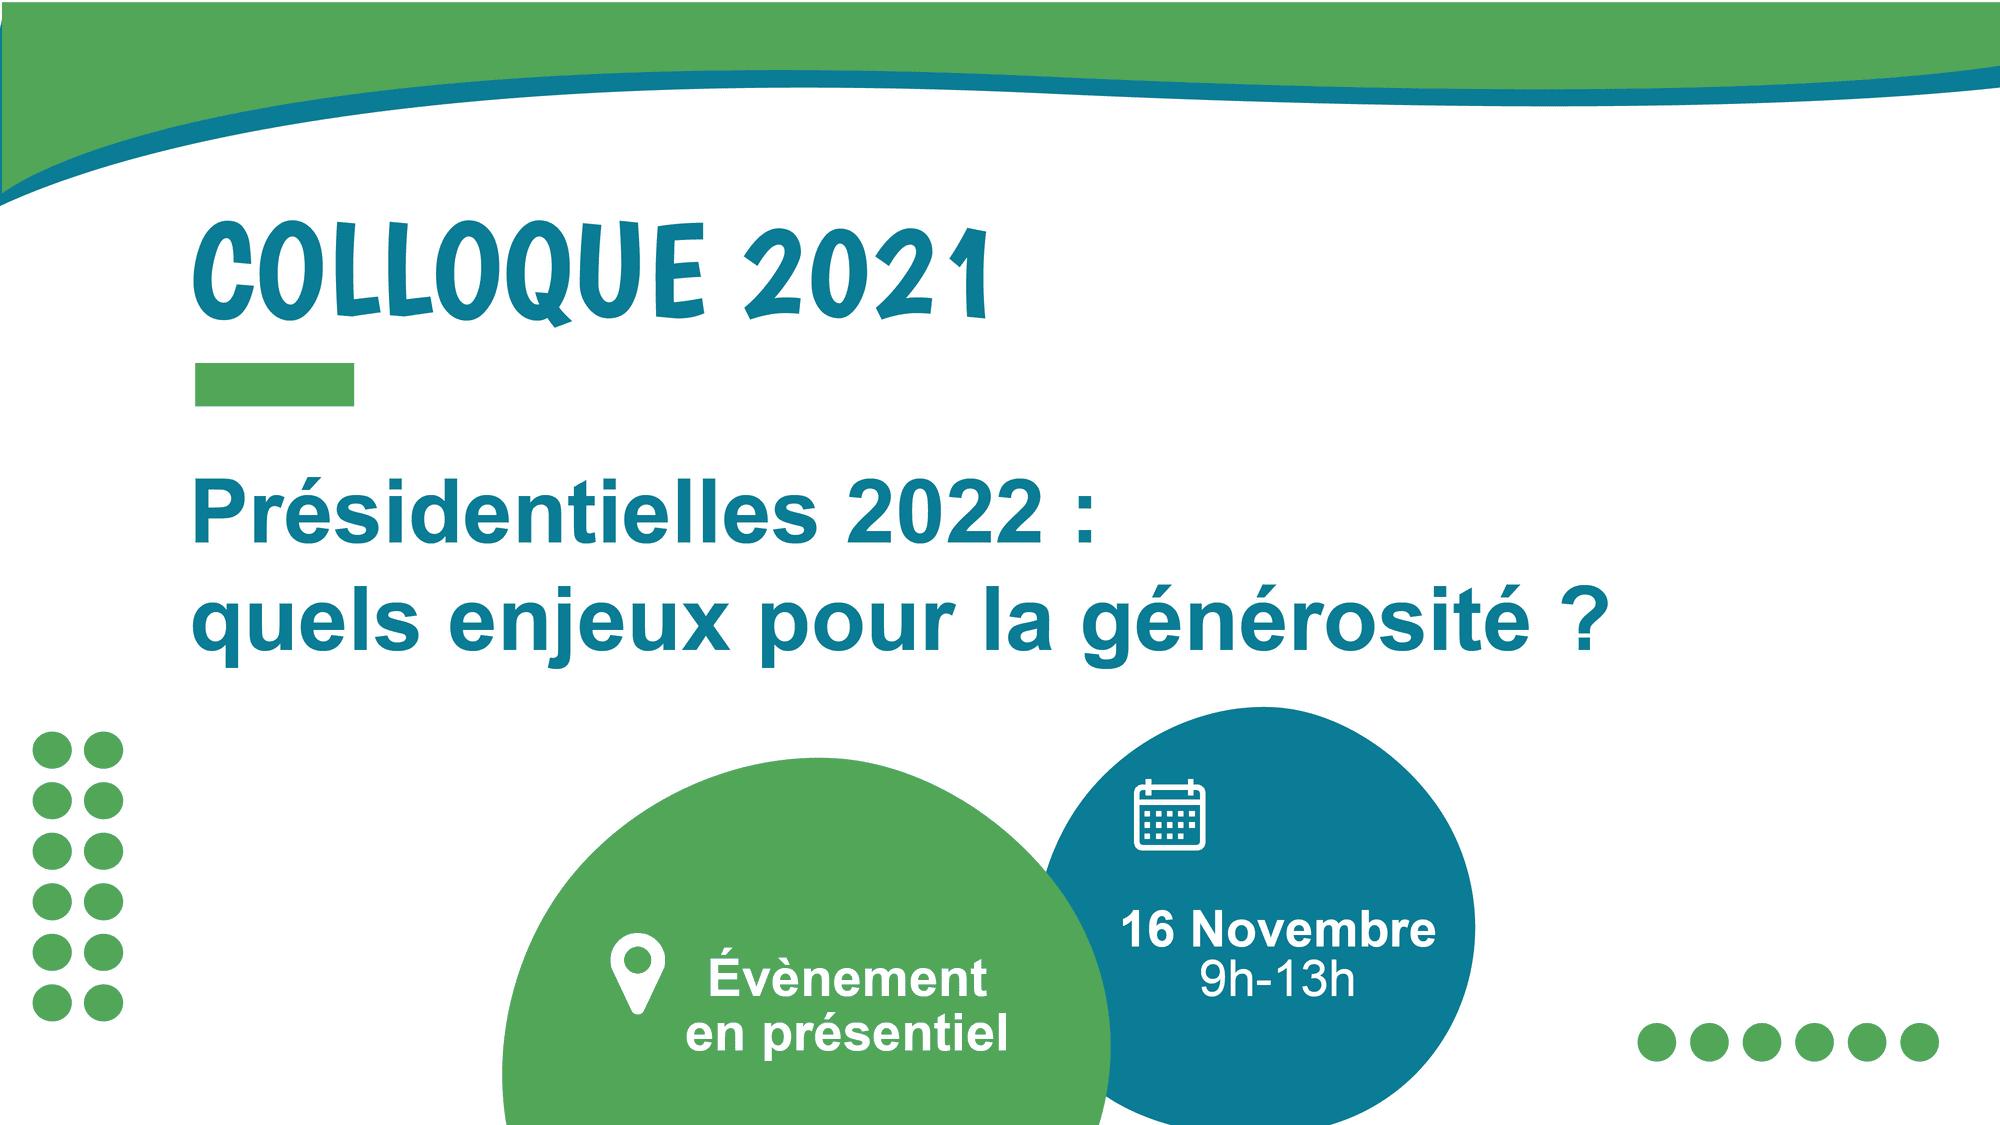 colloque 2021 présidentielles 2022 enjeux de la générosité